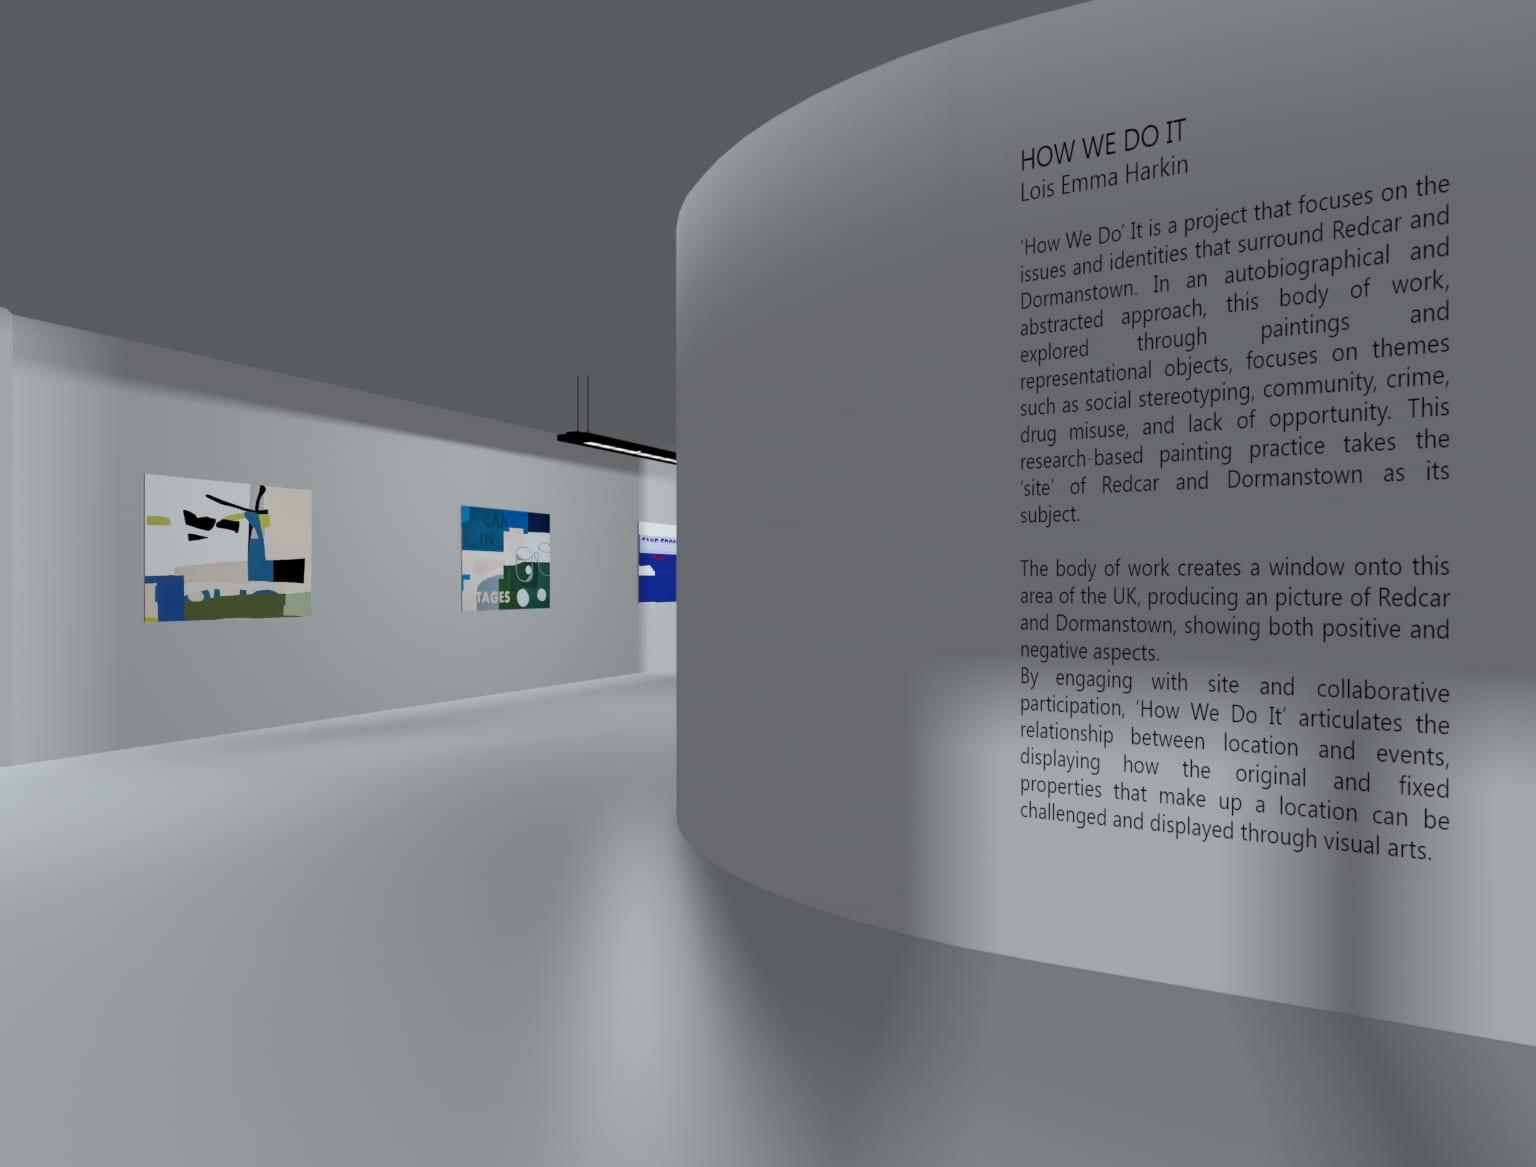 Conceptual representation of interior of gallery.